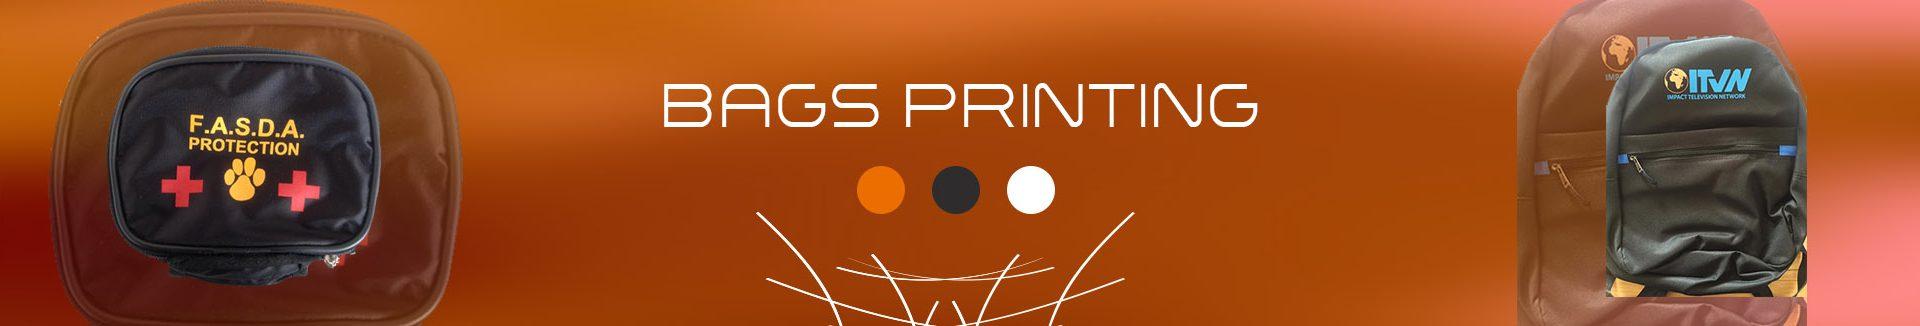 Bags-printing